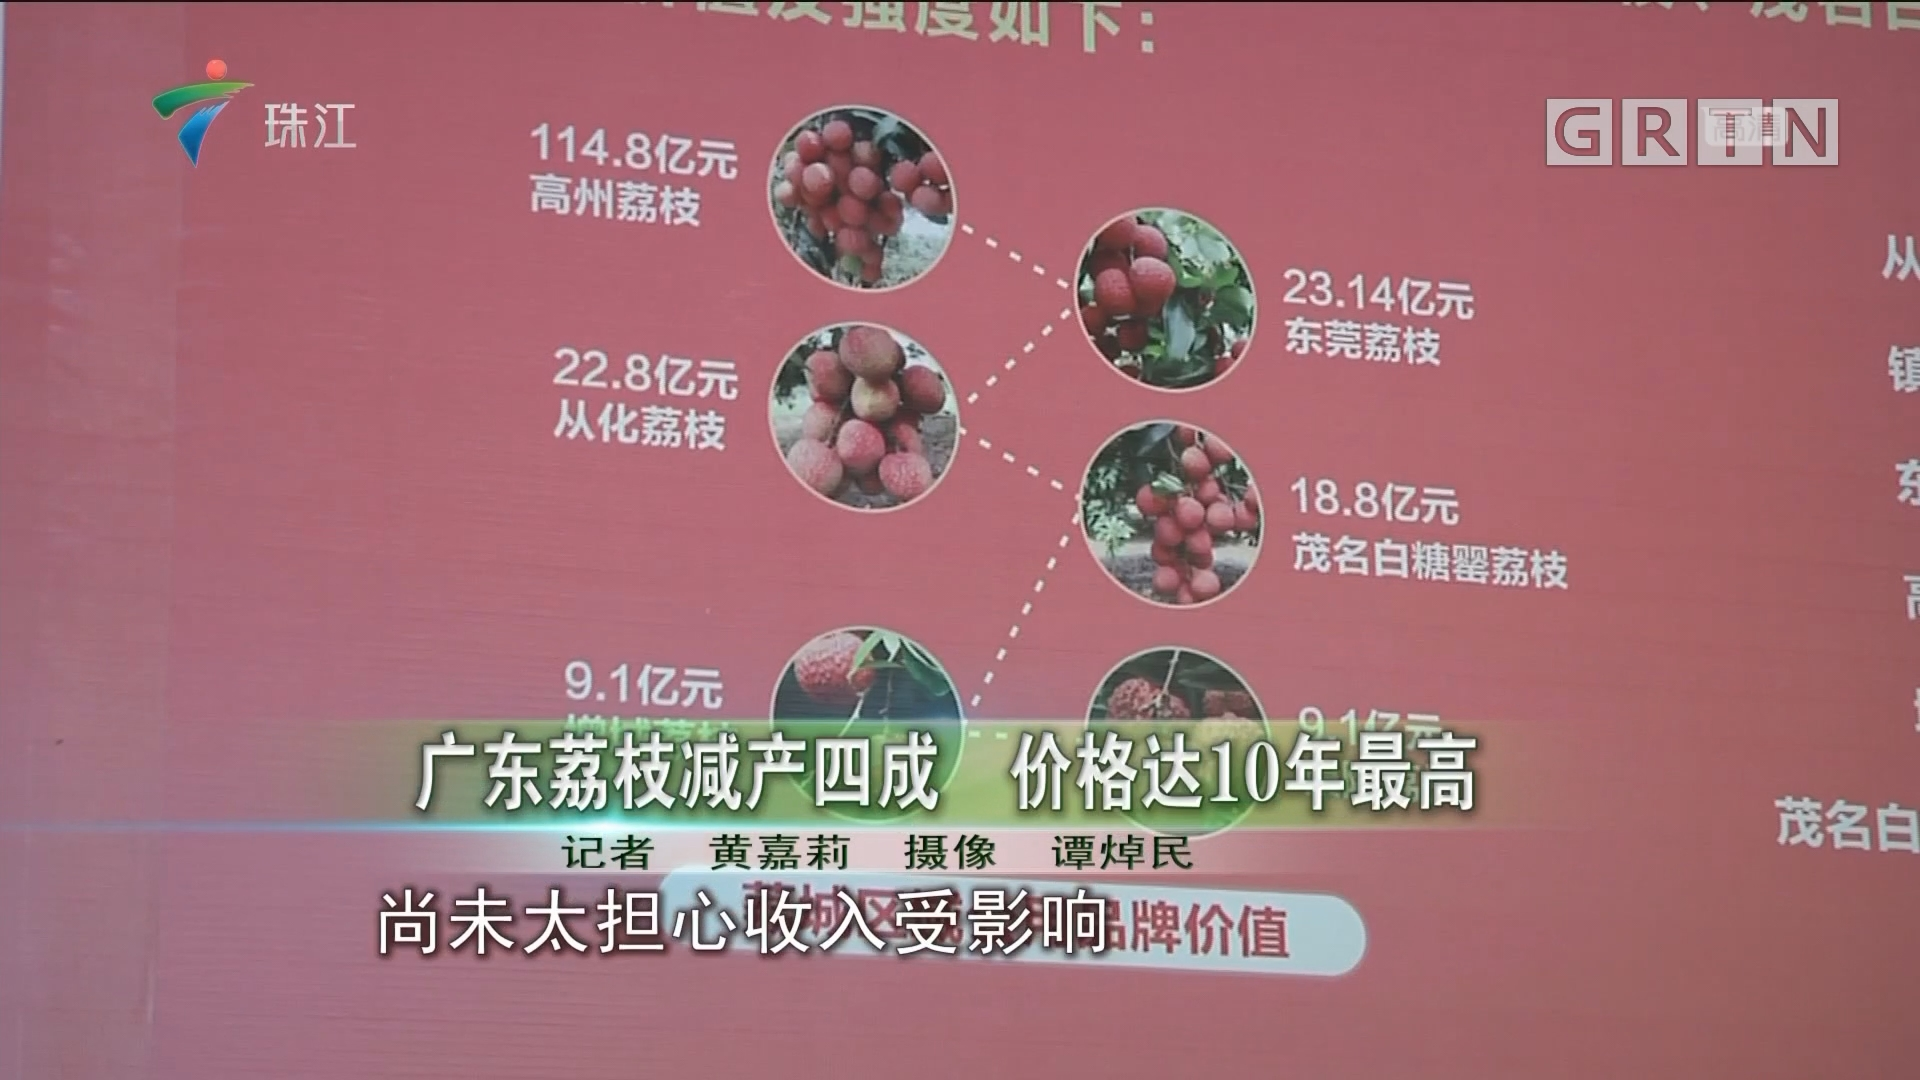 广东荔枝减产四成 价格达10年最高